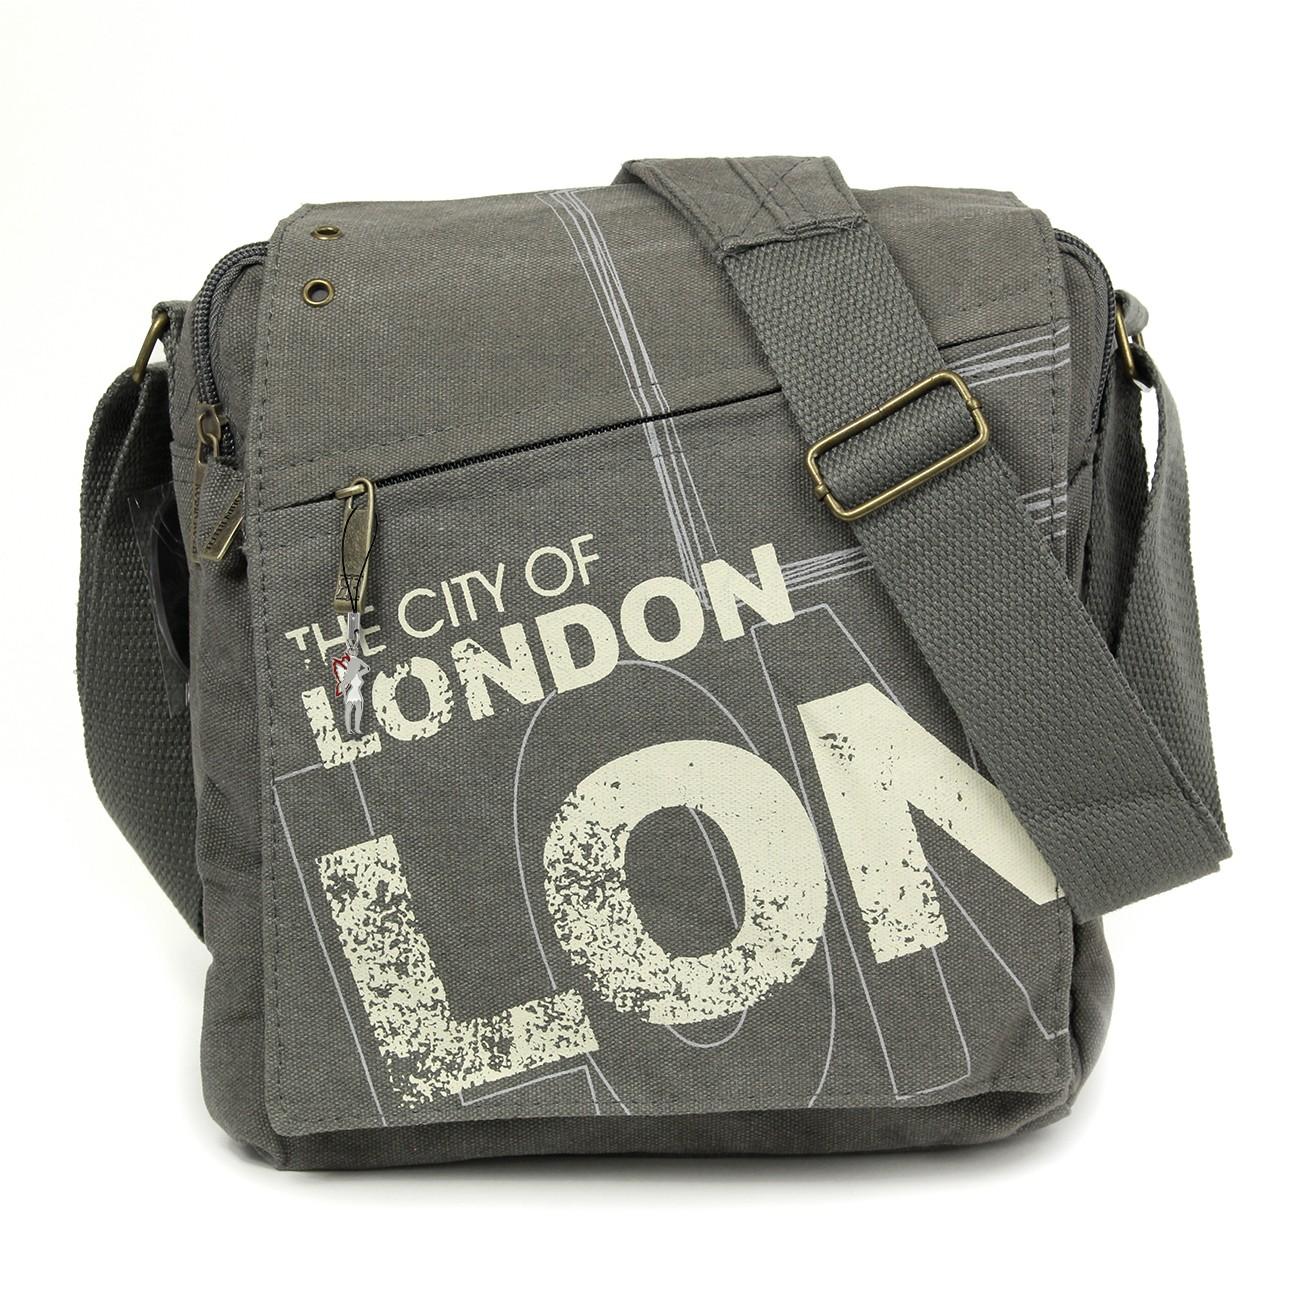 Umhängetasche Canvas grau LONDON Crossover Schultertasche Robin-Ruth OTG202K